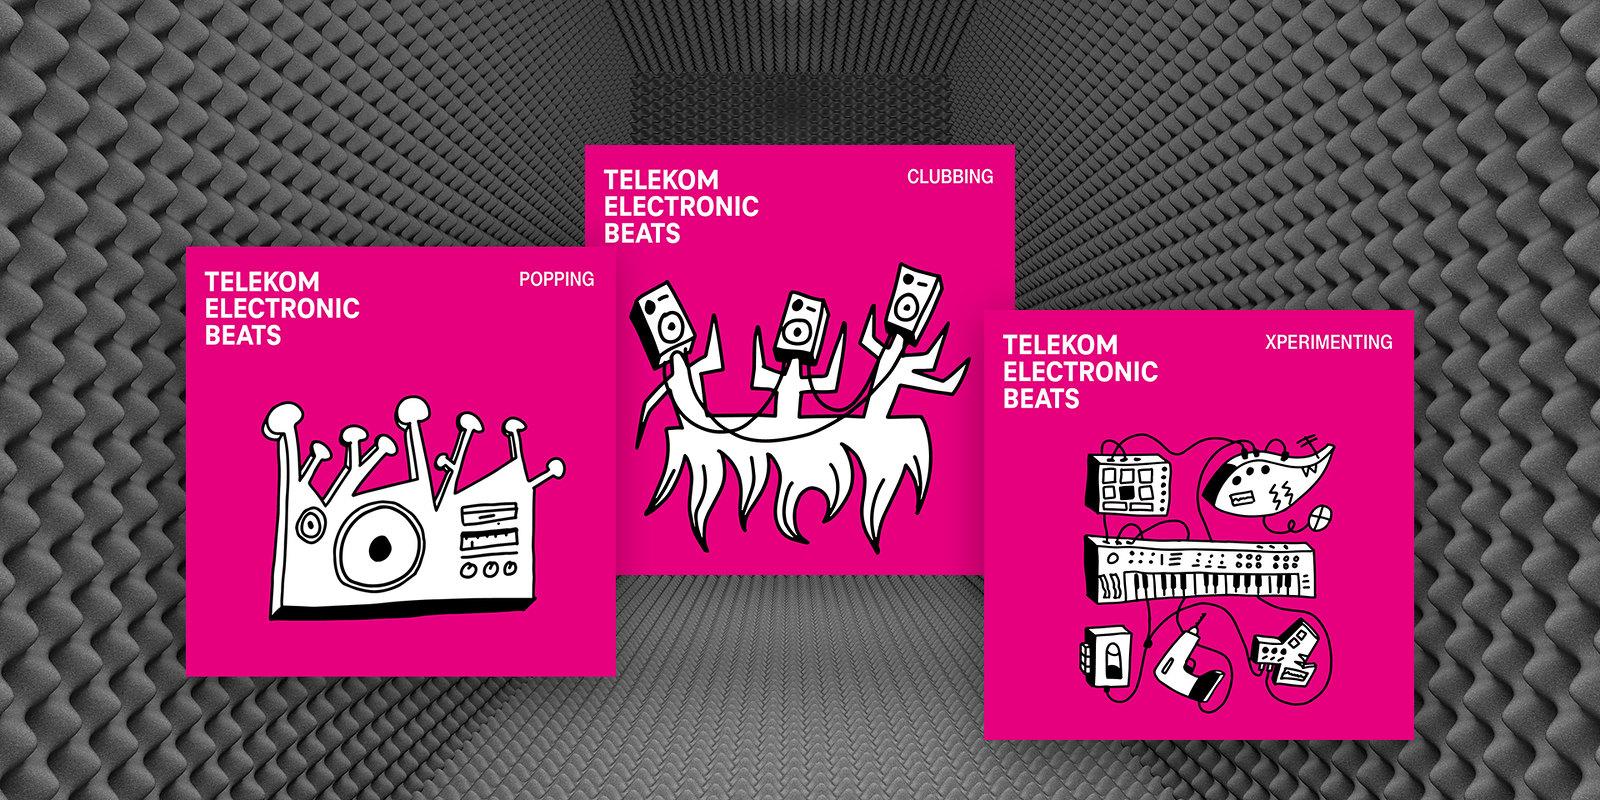 Megjelent a Telekom Electronic Beats tripla válogatása, rajta 30+1 izgalmas és új magyar zenével